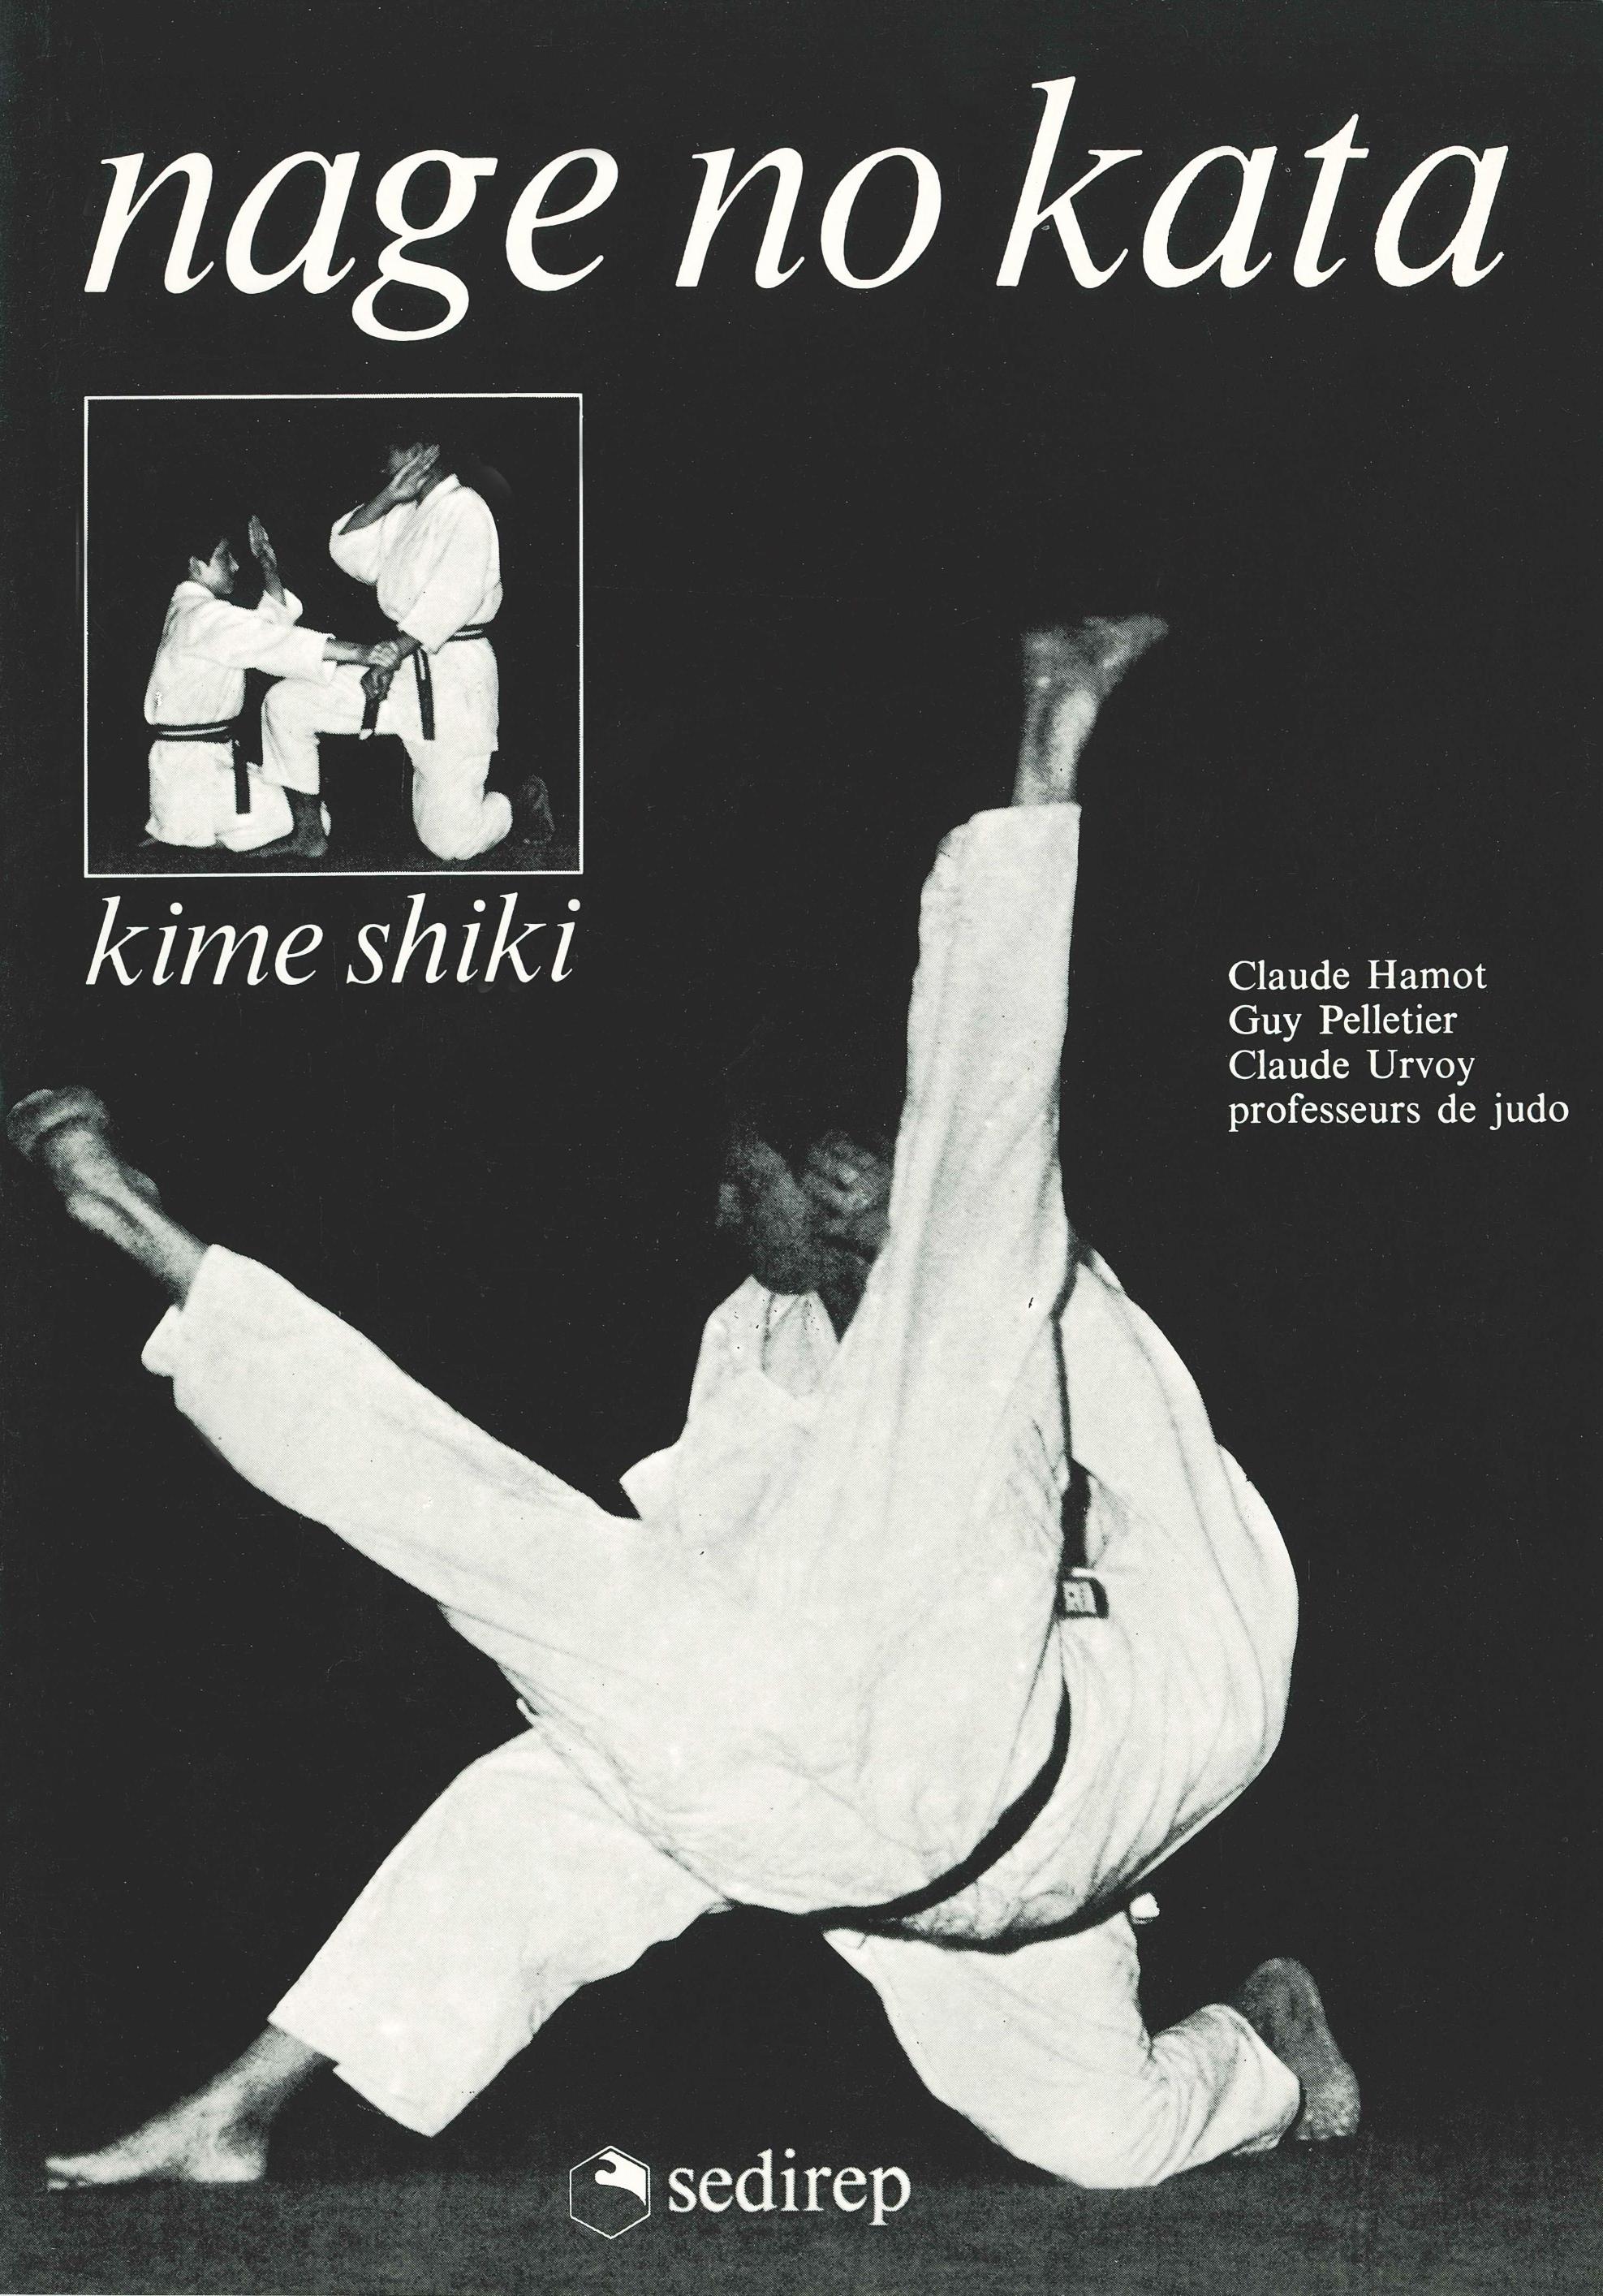 NAGE NO KATA - KIME SHIKI